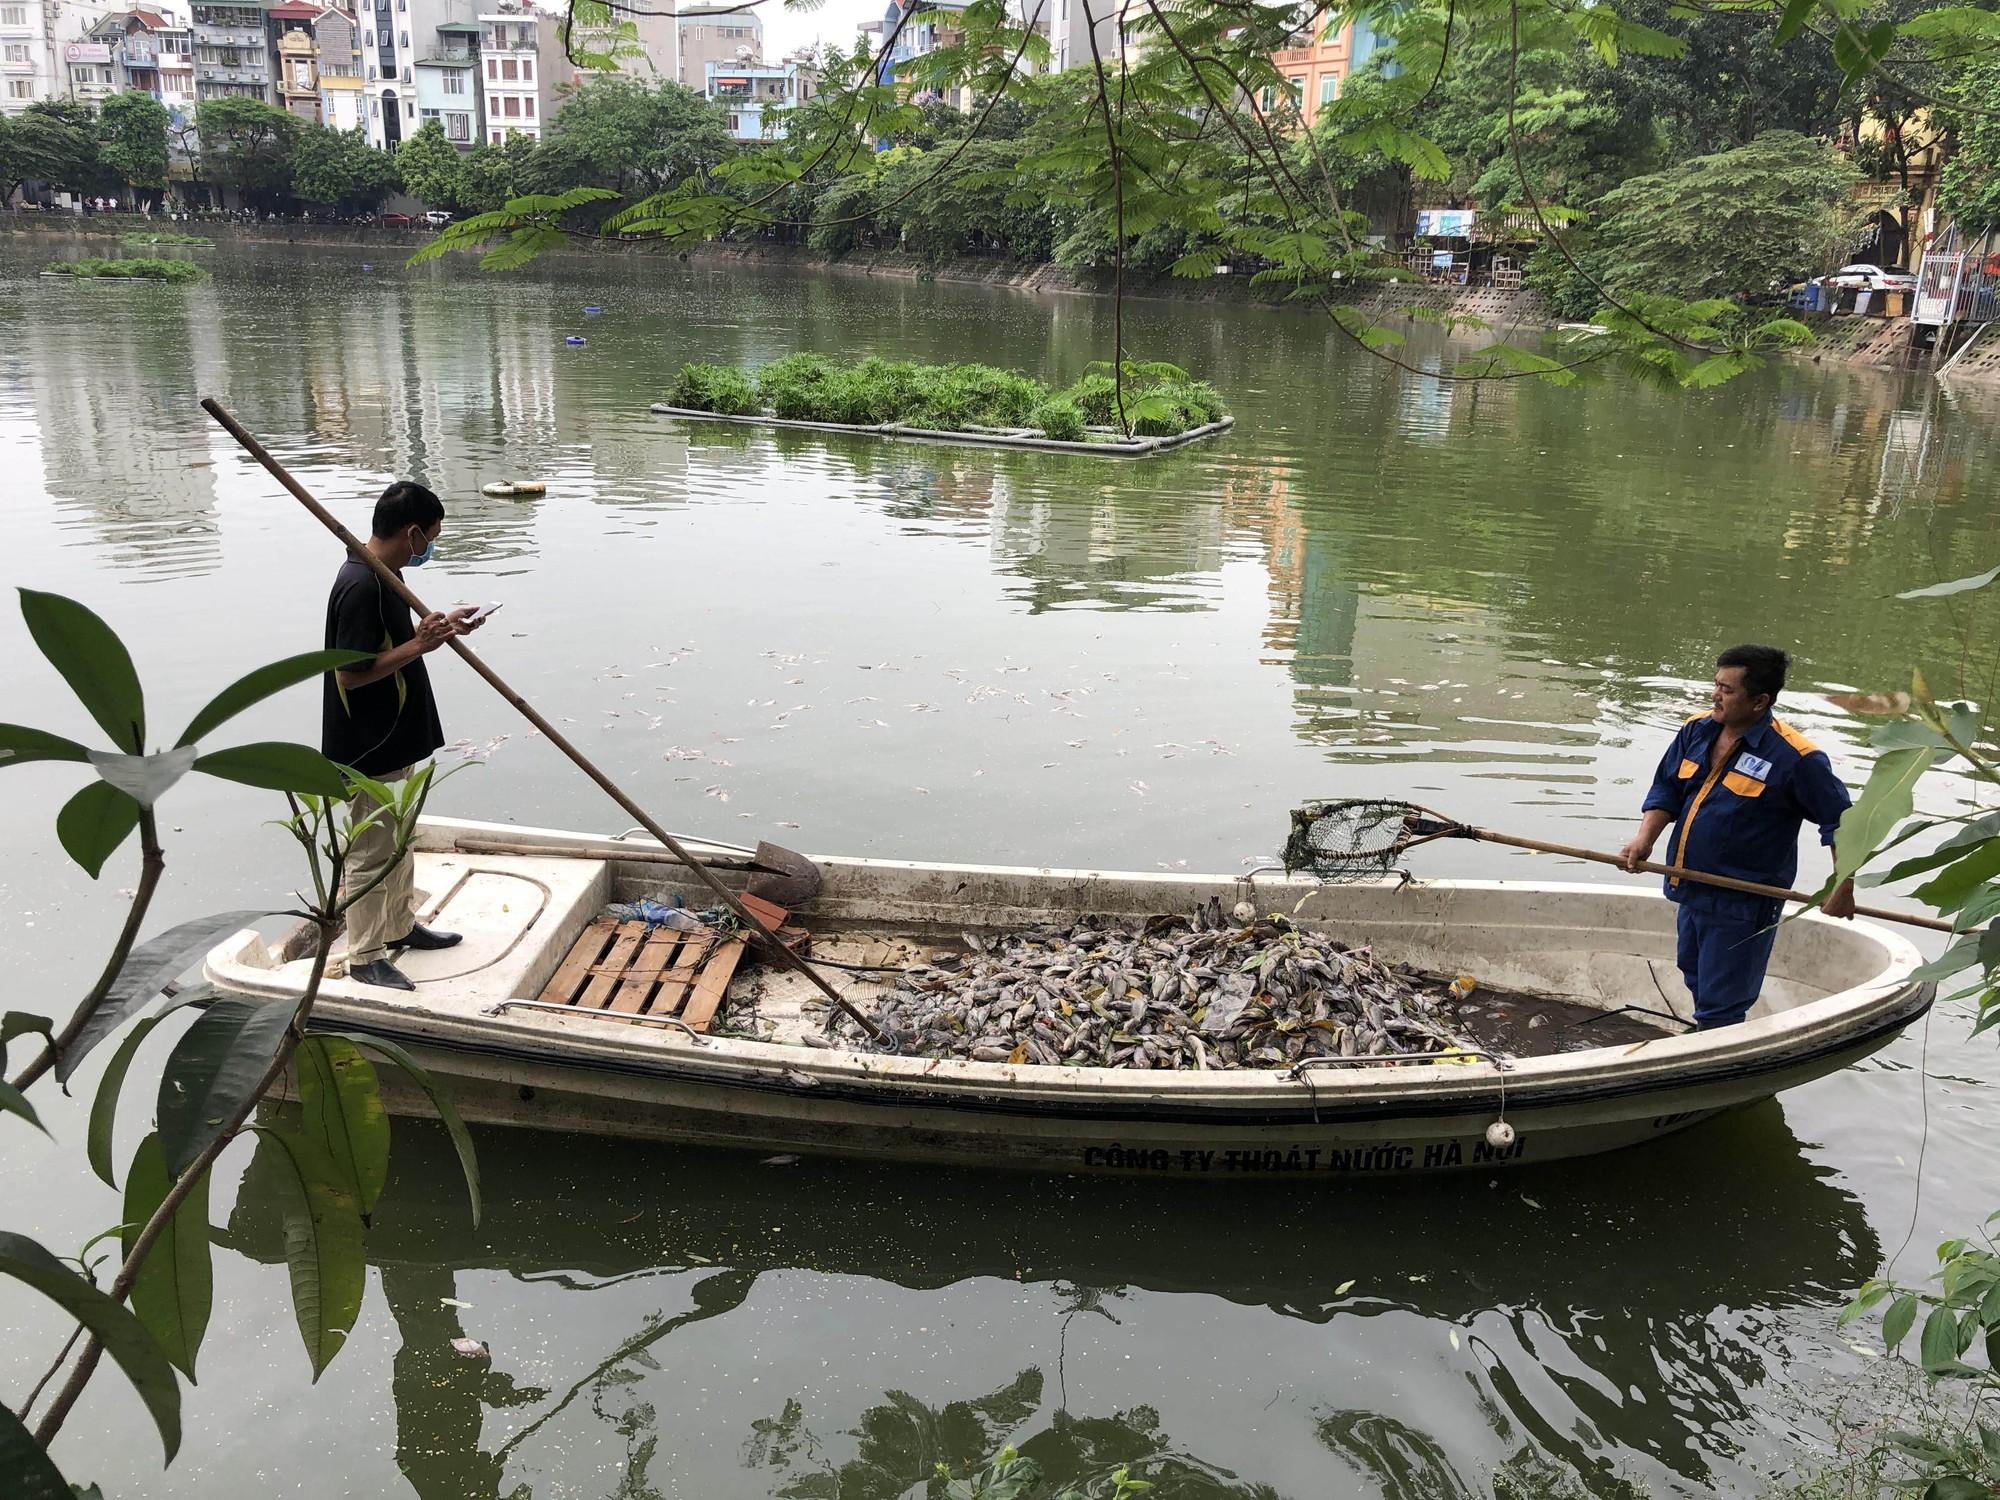 Hà Nội: Cá chết ở hồ Văn Chương khiến cư dân quanh hồ không dám thở - Ảnh 5.